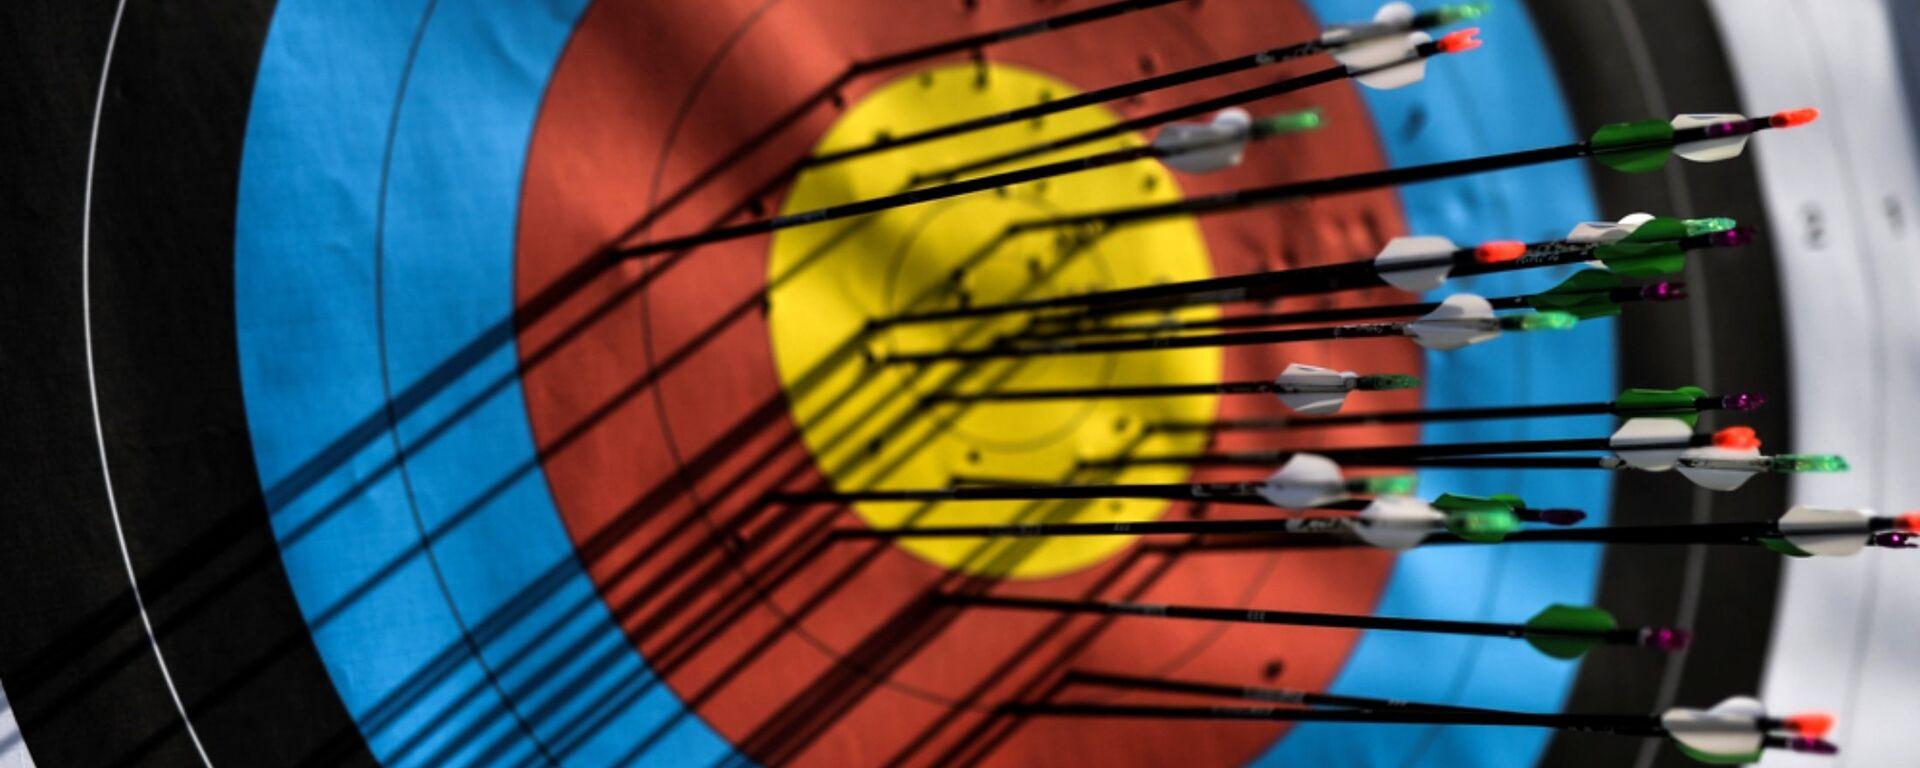 Мишень со стрелами во время соревнований по стрельбе из лука. Архивное фото - Sputnik Таджикистан, 1920, 10.09.2020